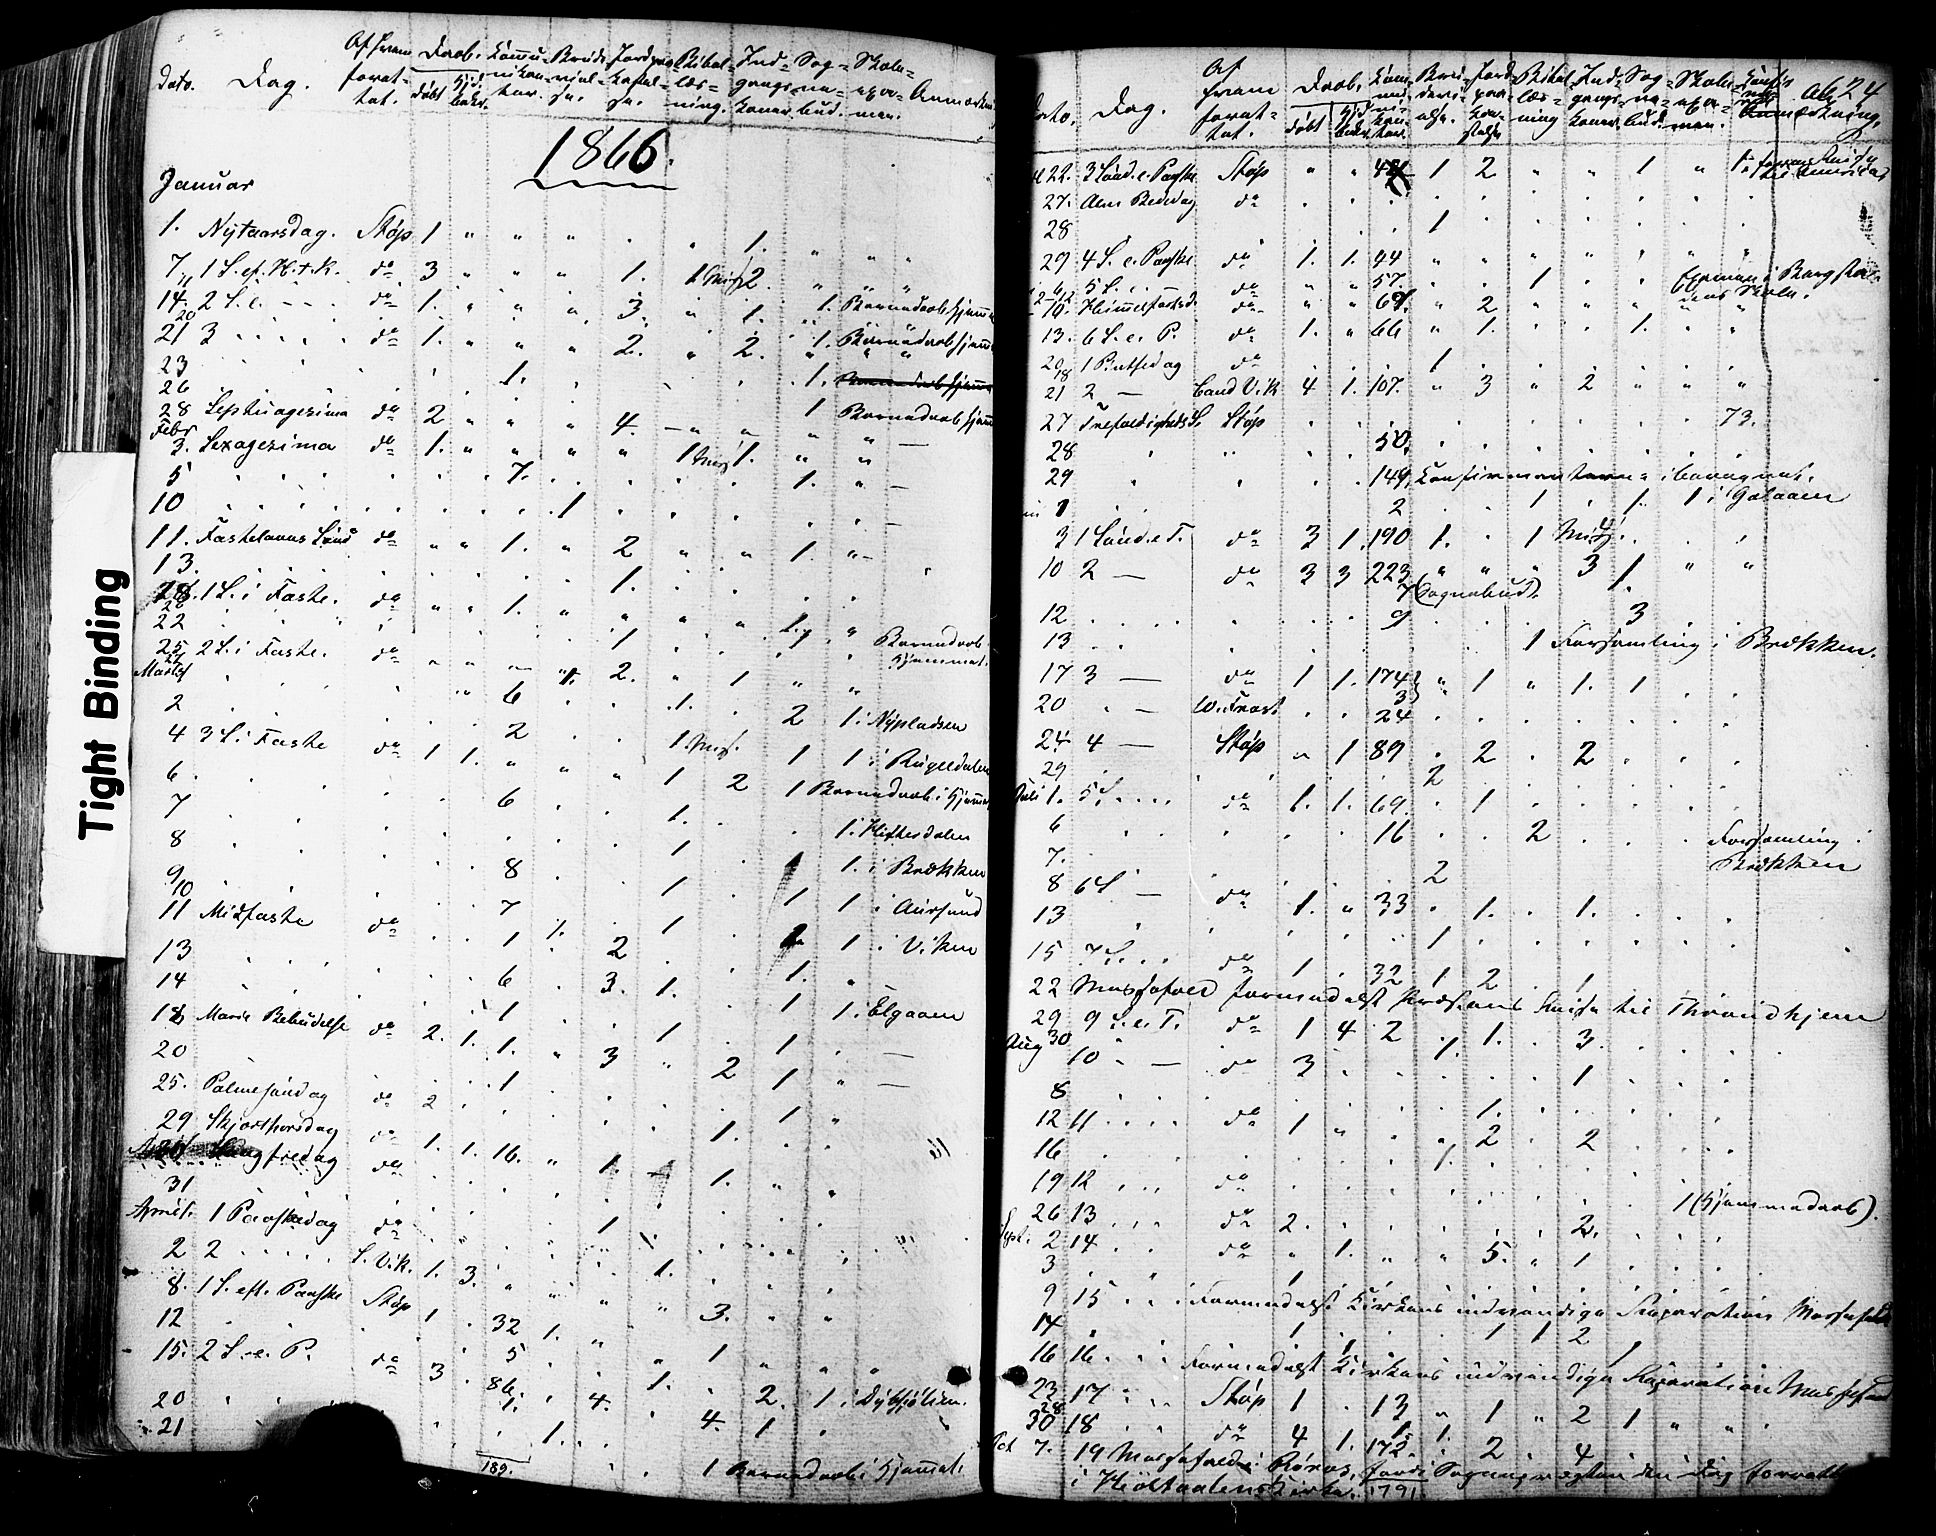 SAT, Ministerialprotokoller, klokkerbøker og fødselsregistre - Sør-Trøndelag, 681/L0932: Ministerialbok nr. 681A10, 1860-1878, s. 624